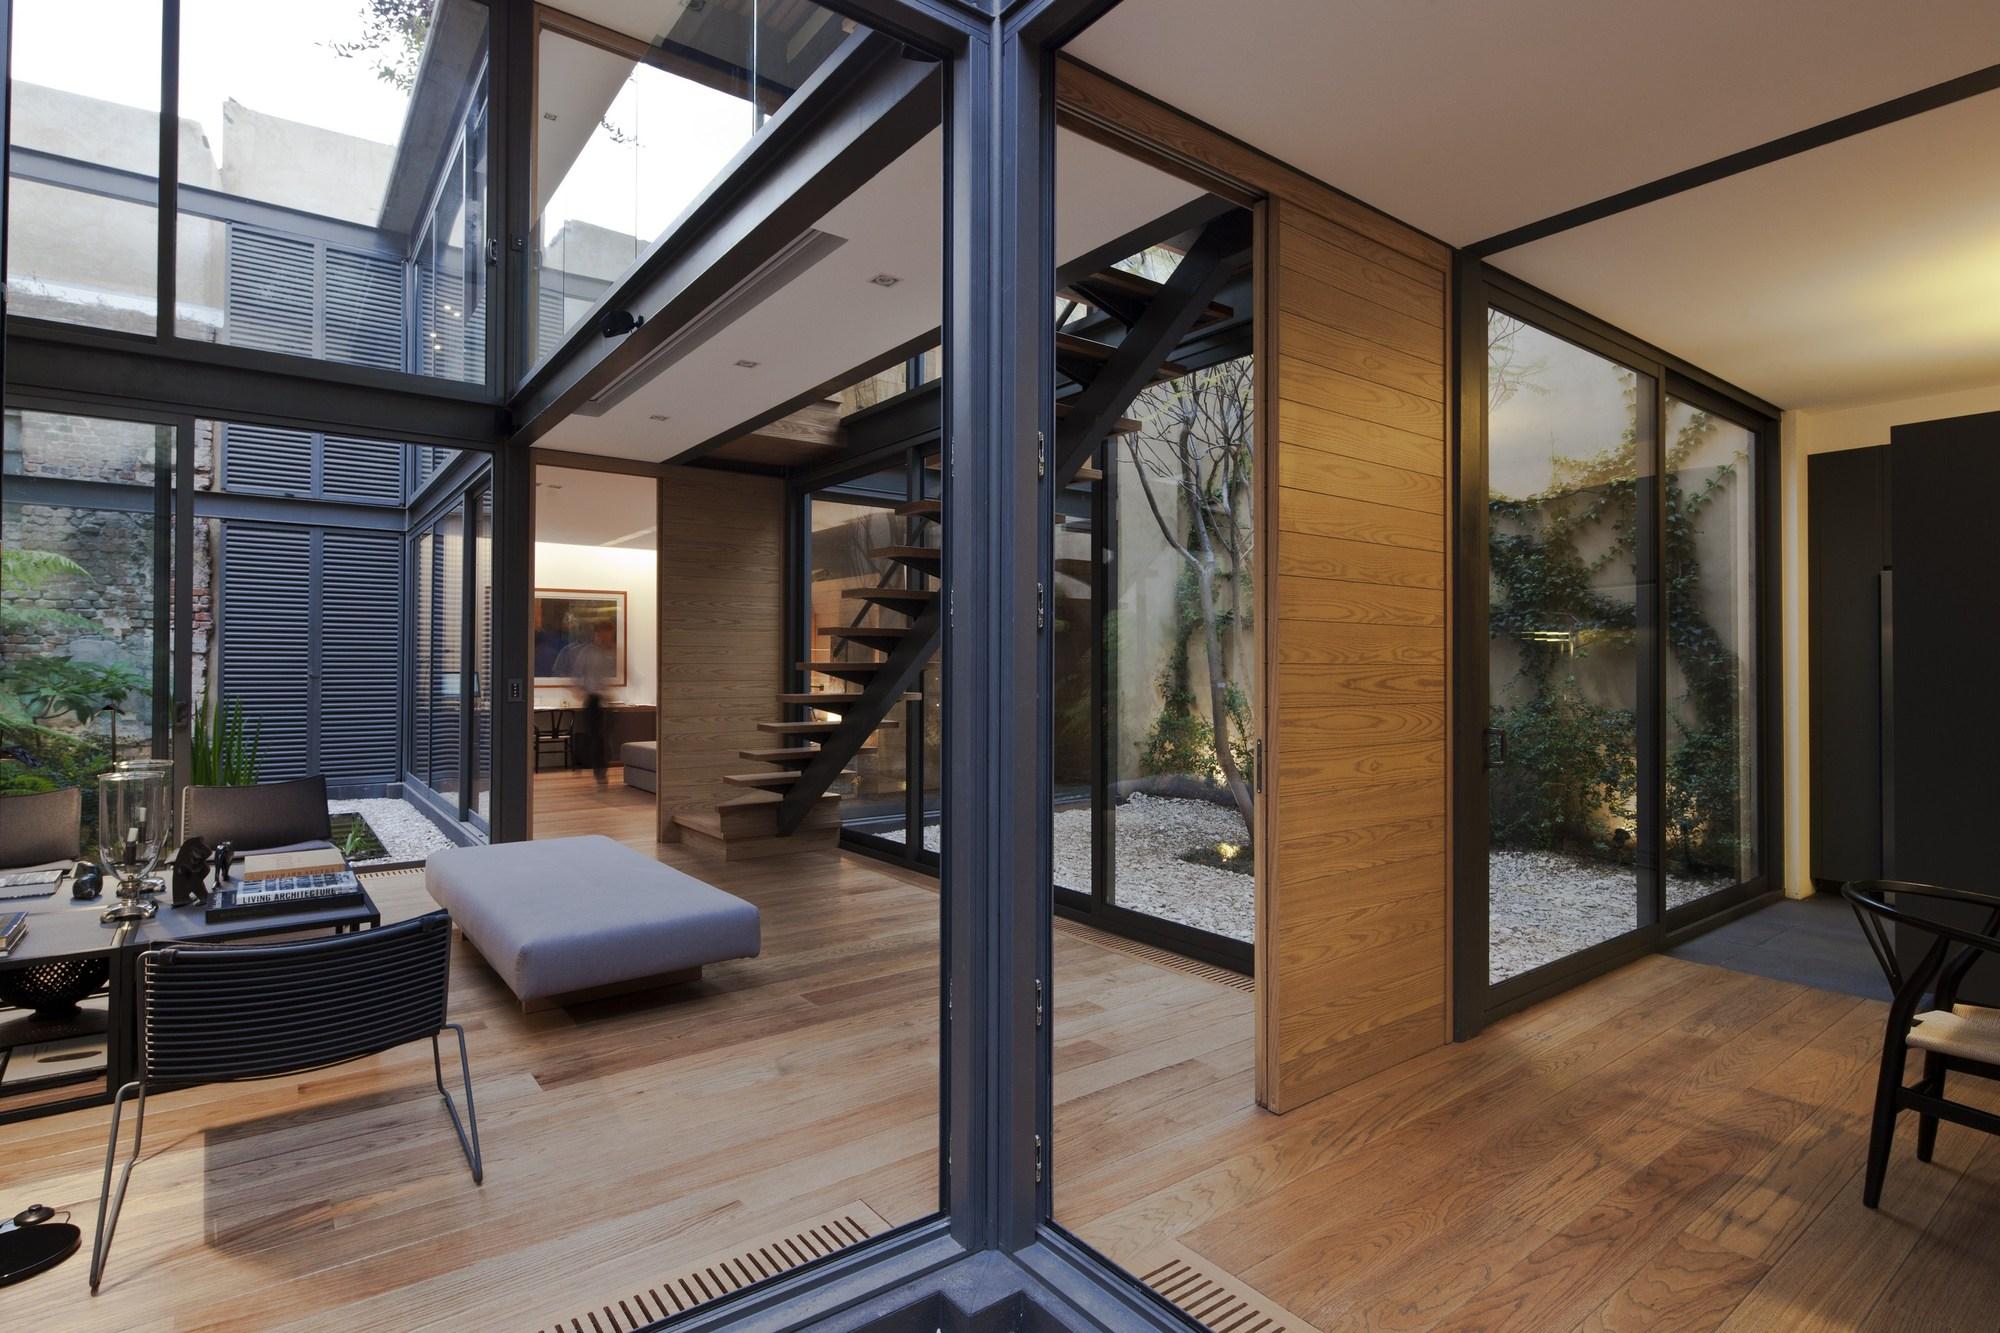 U Shaped Floor Plans With Courtyard Galer 237 A De Casa De Los Cuatro Patios Andr 233 S Stebelski